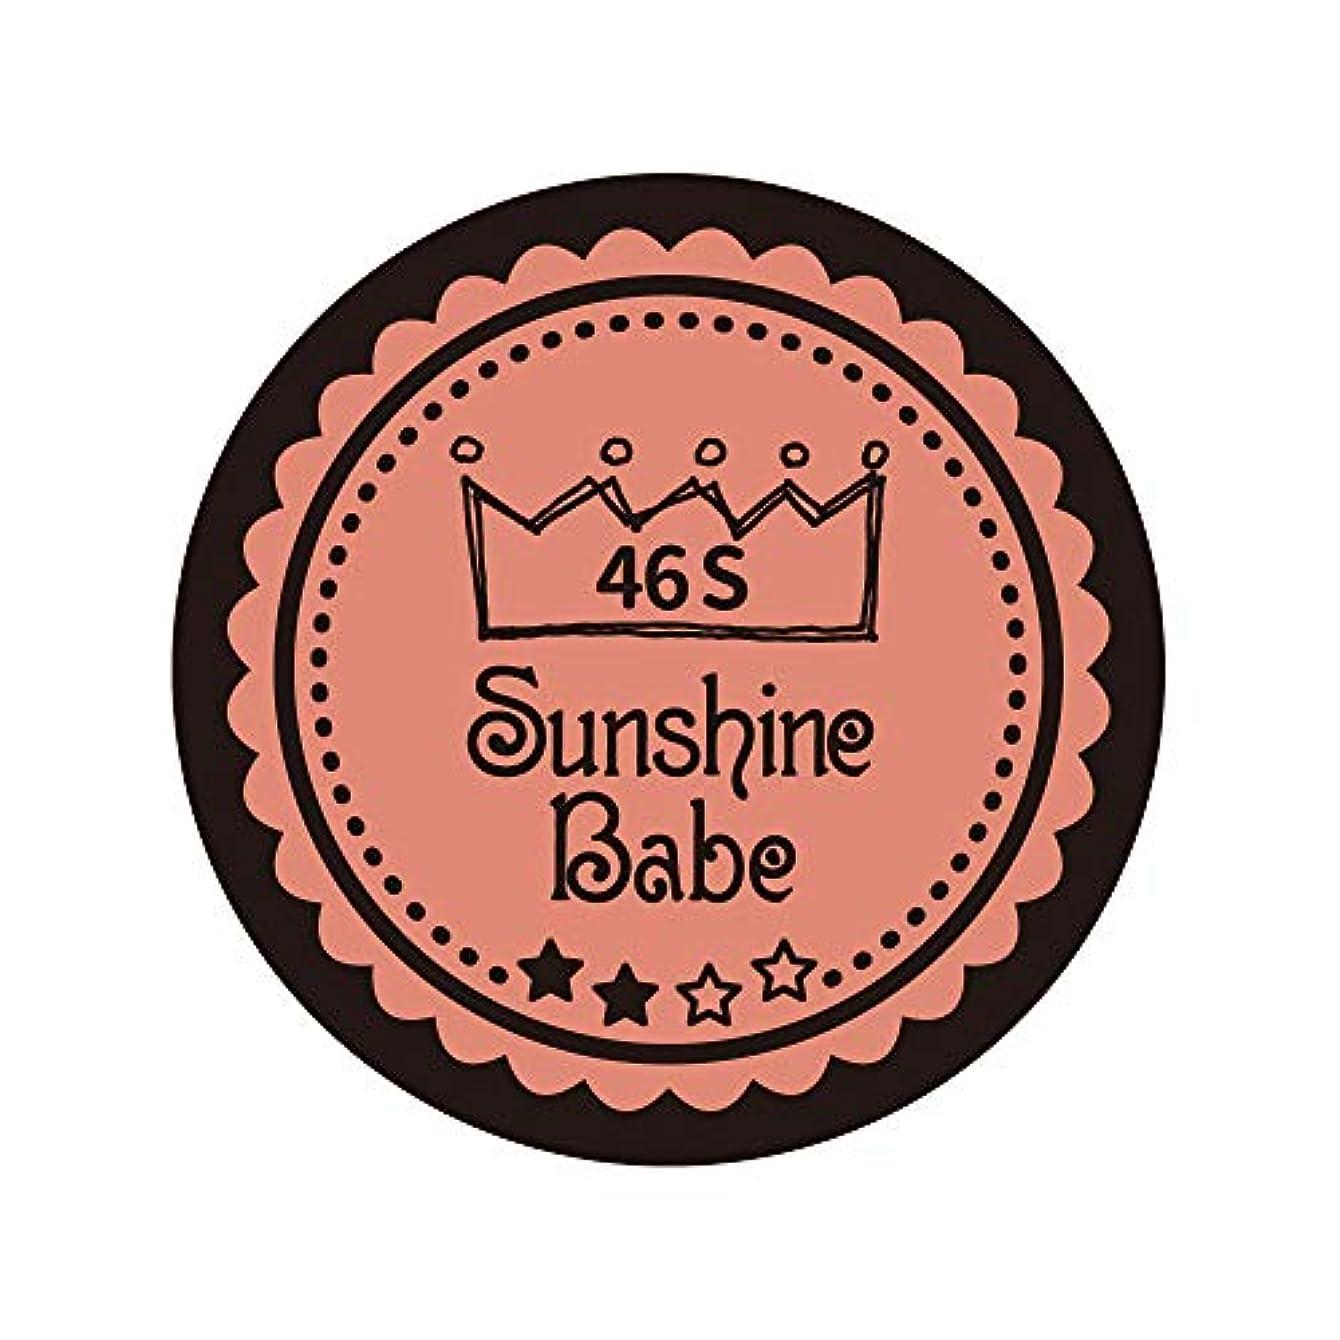 乱暴な量で遺跡Sunshine Babe カラージェル 46S ピンクベージュ 2.7g UV/LED対応